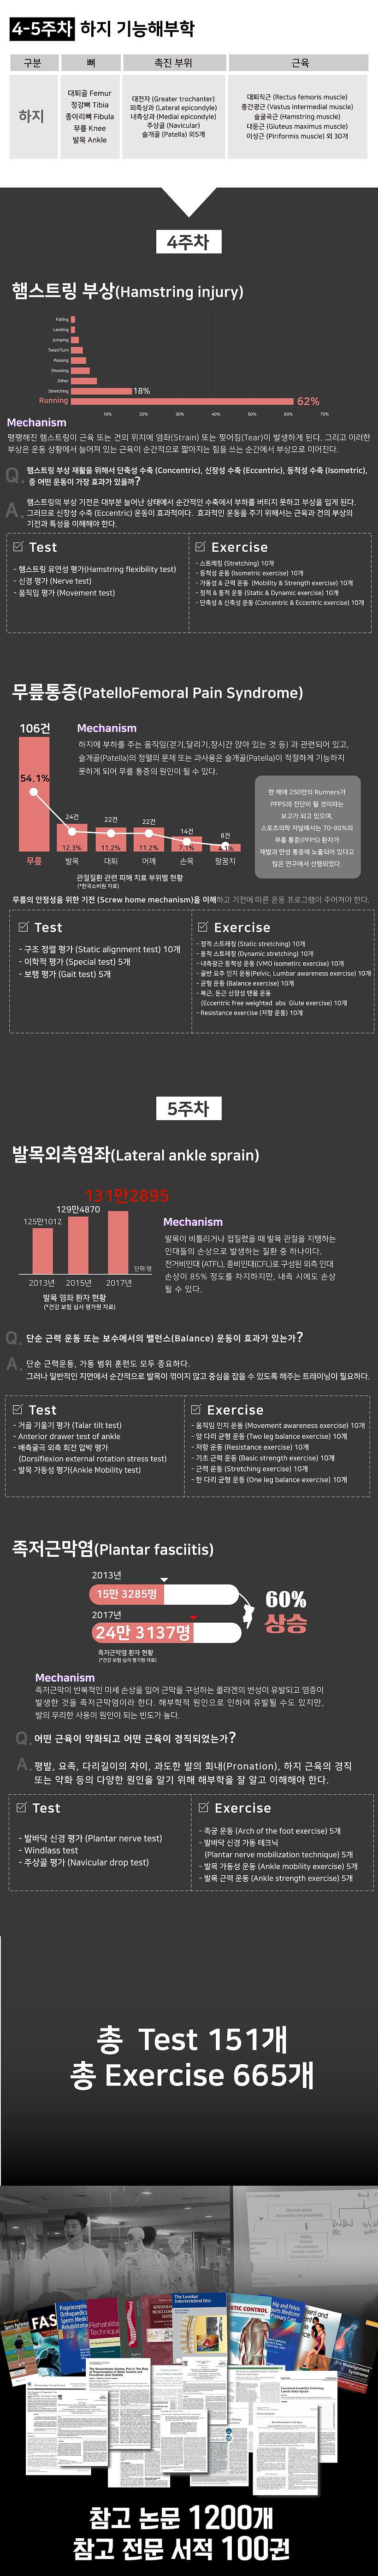 210224 운동전문가과정 커리큘럼 수정1_교육-09.png